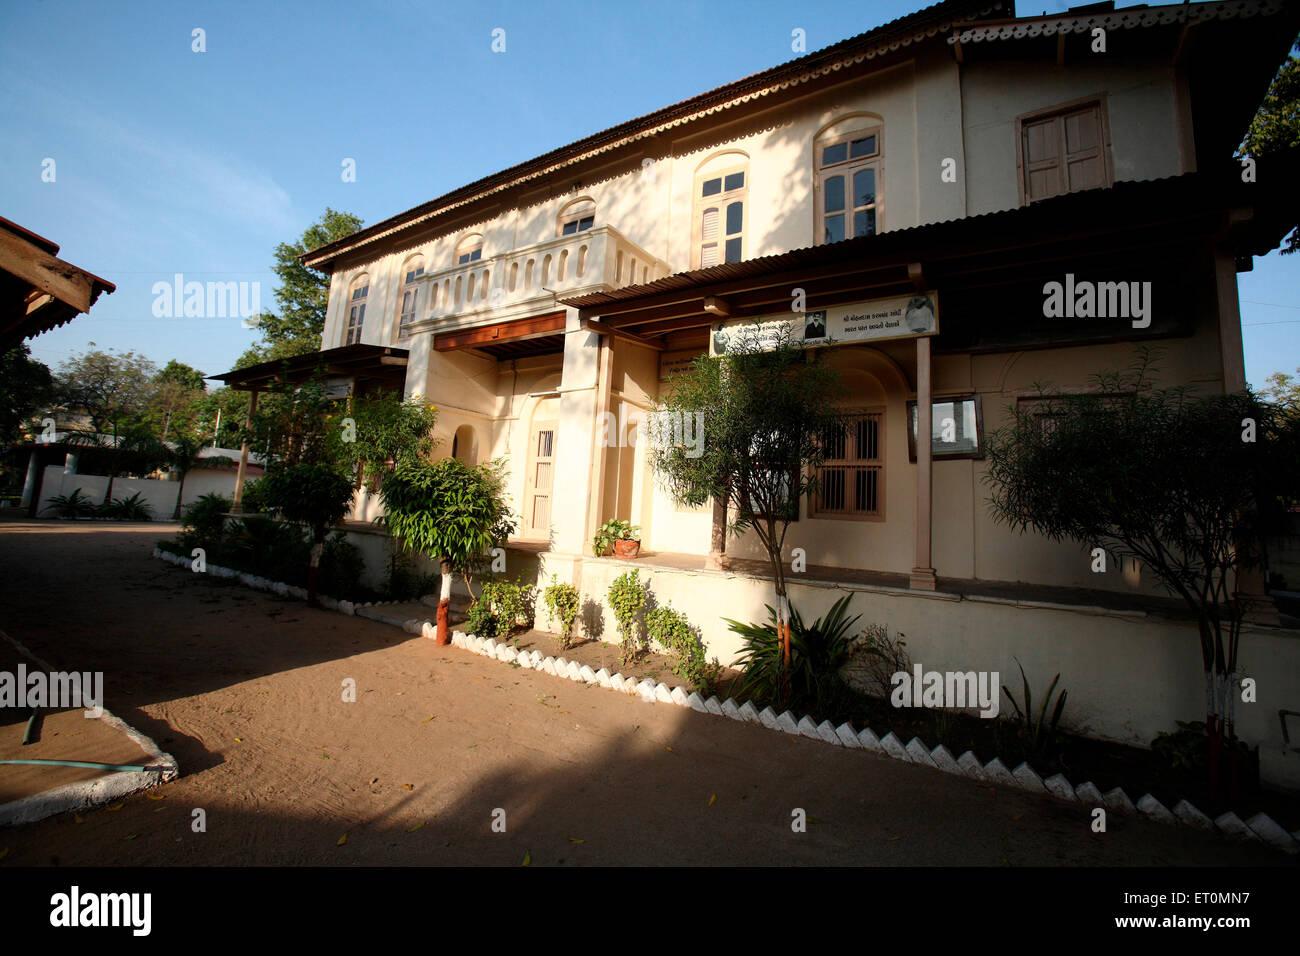 Satyagraha Ashram founded in 25 May 1915 at Kochrab ; Ahmedabad ; Gujarat ; India - Stock Image